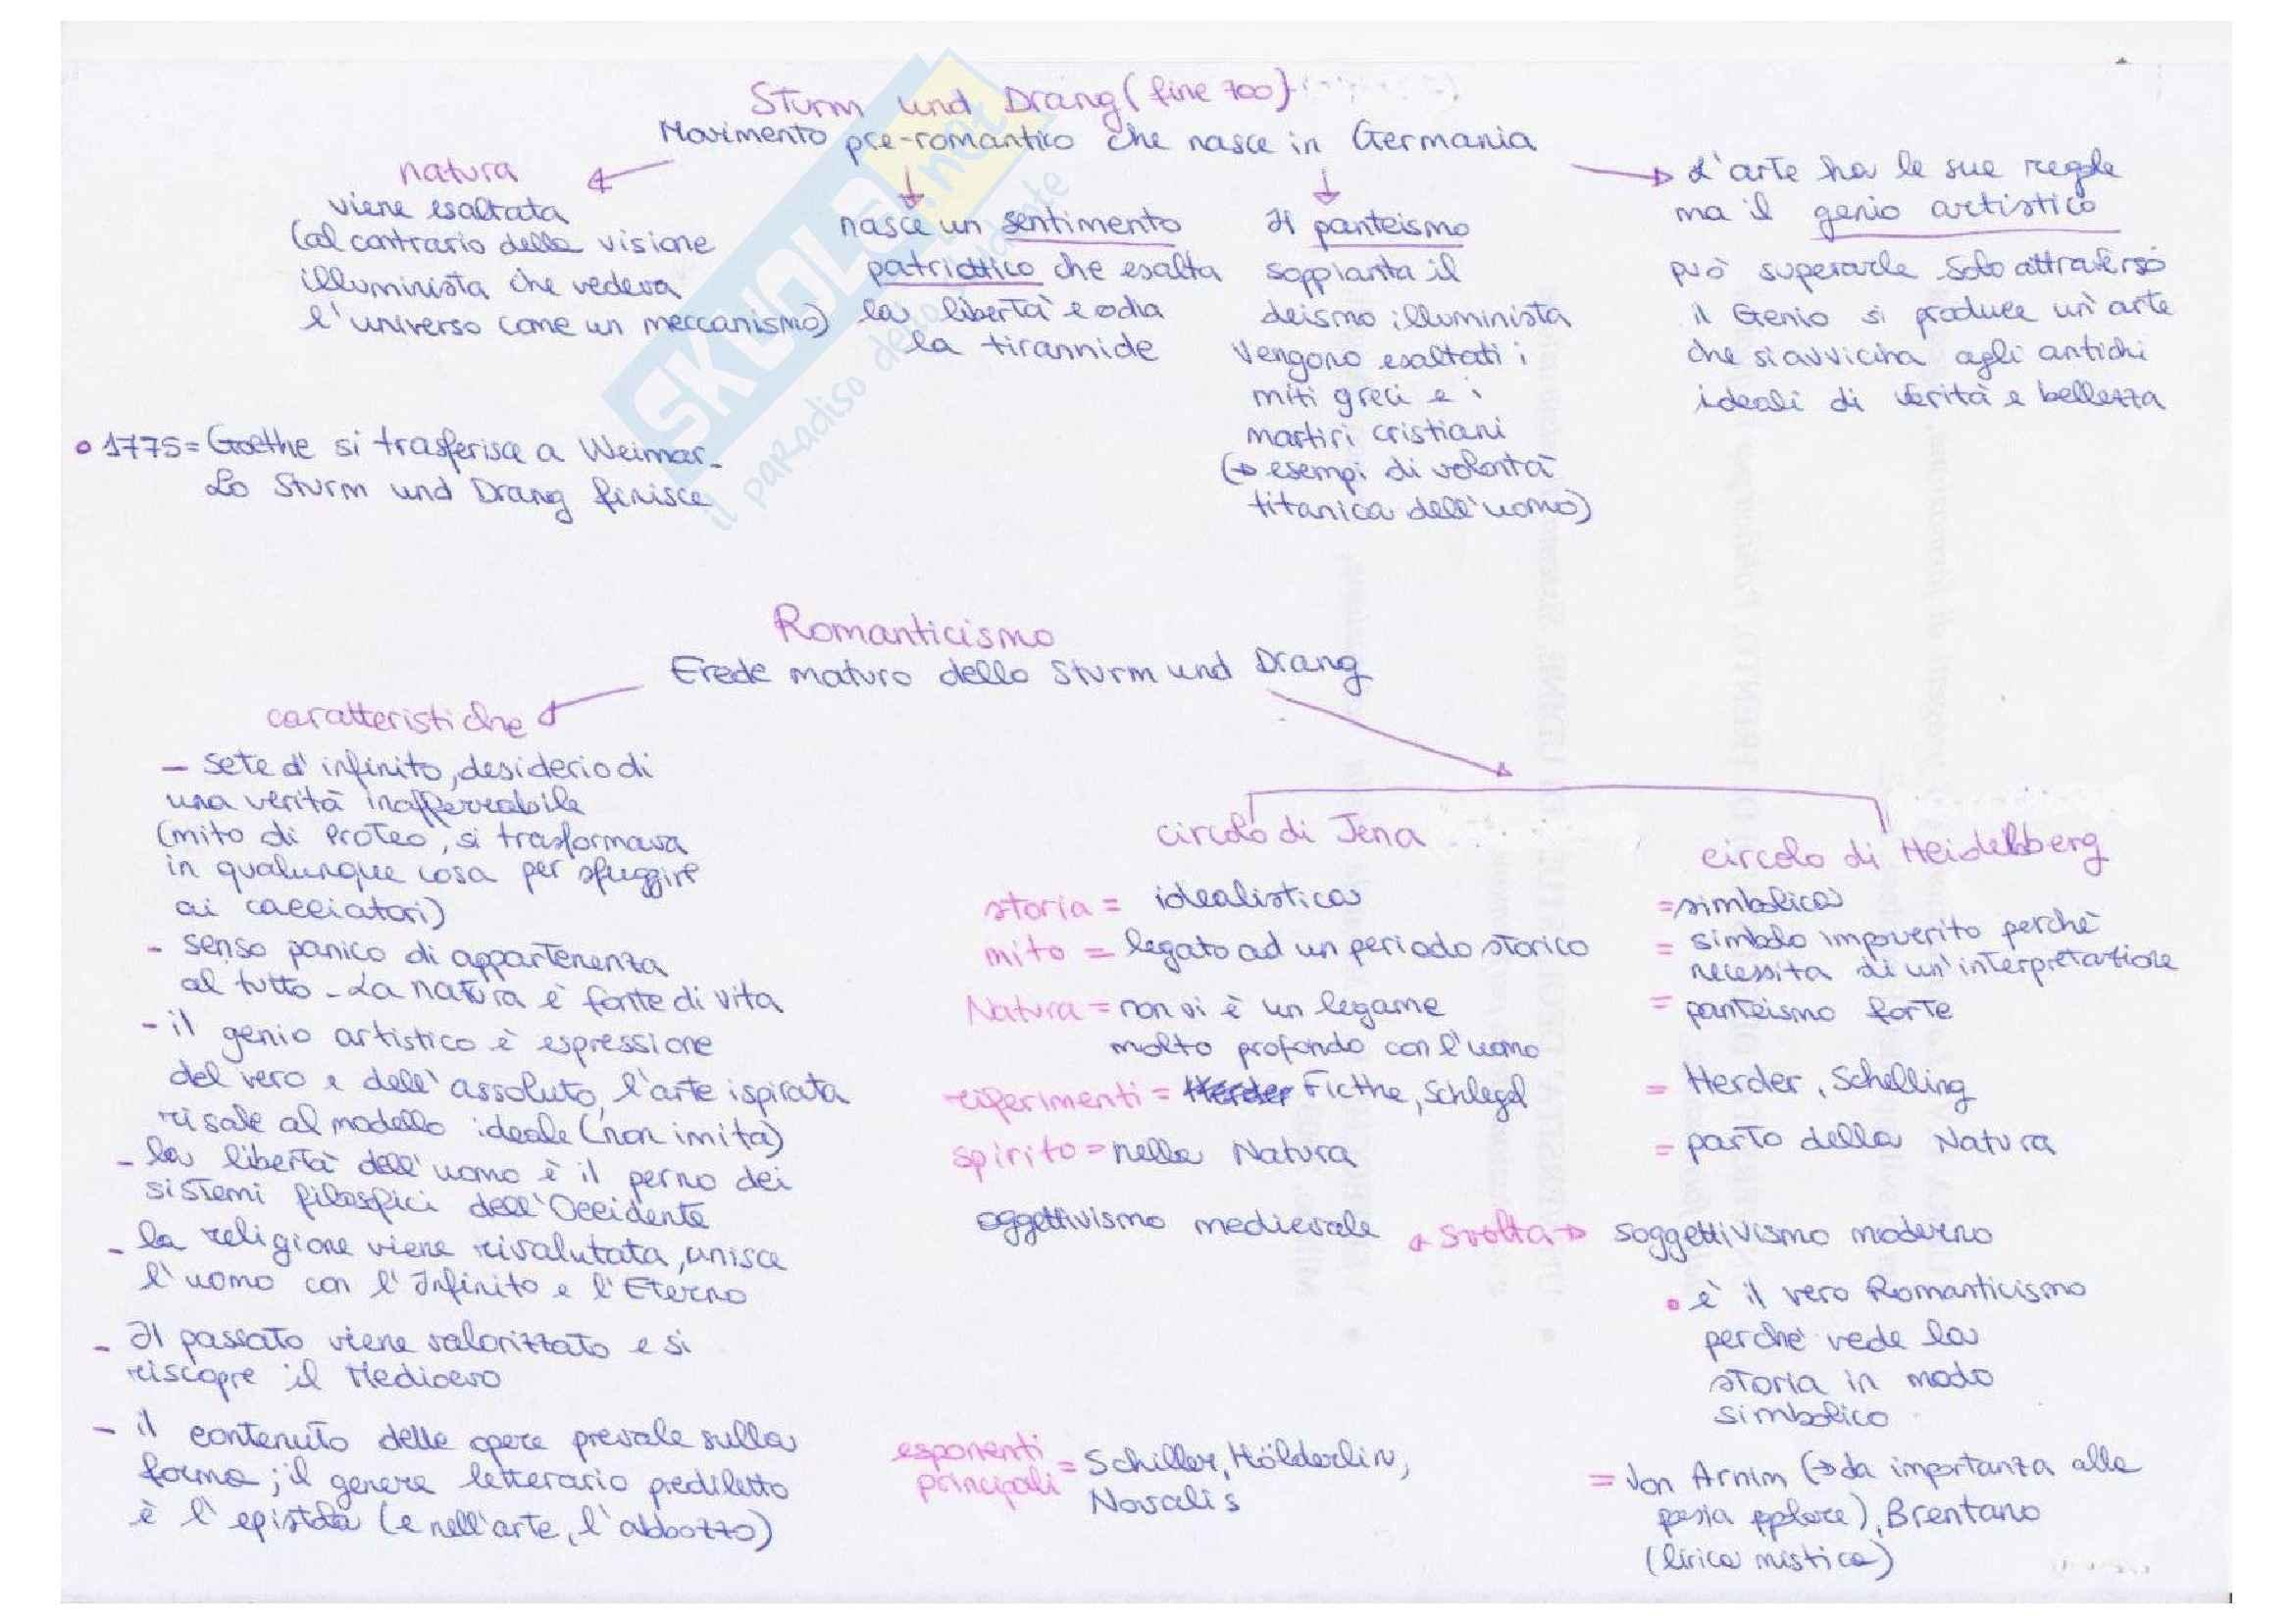 Romanticismo e Nichilismo, mappe concettuali